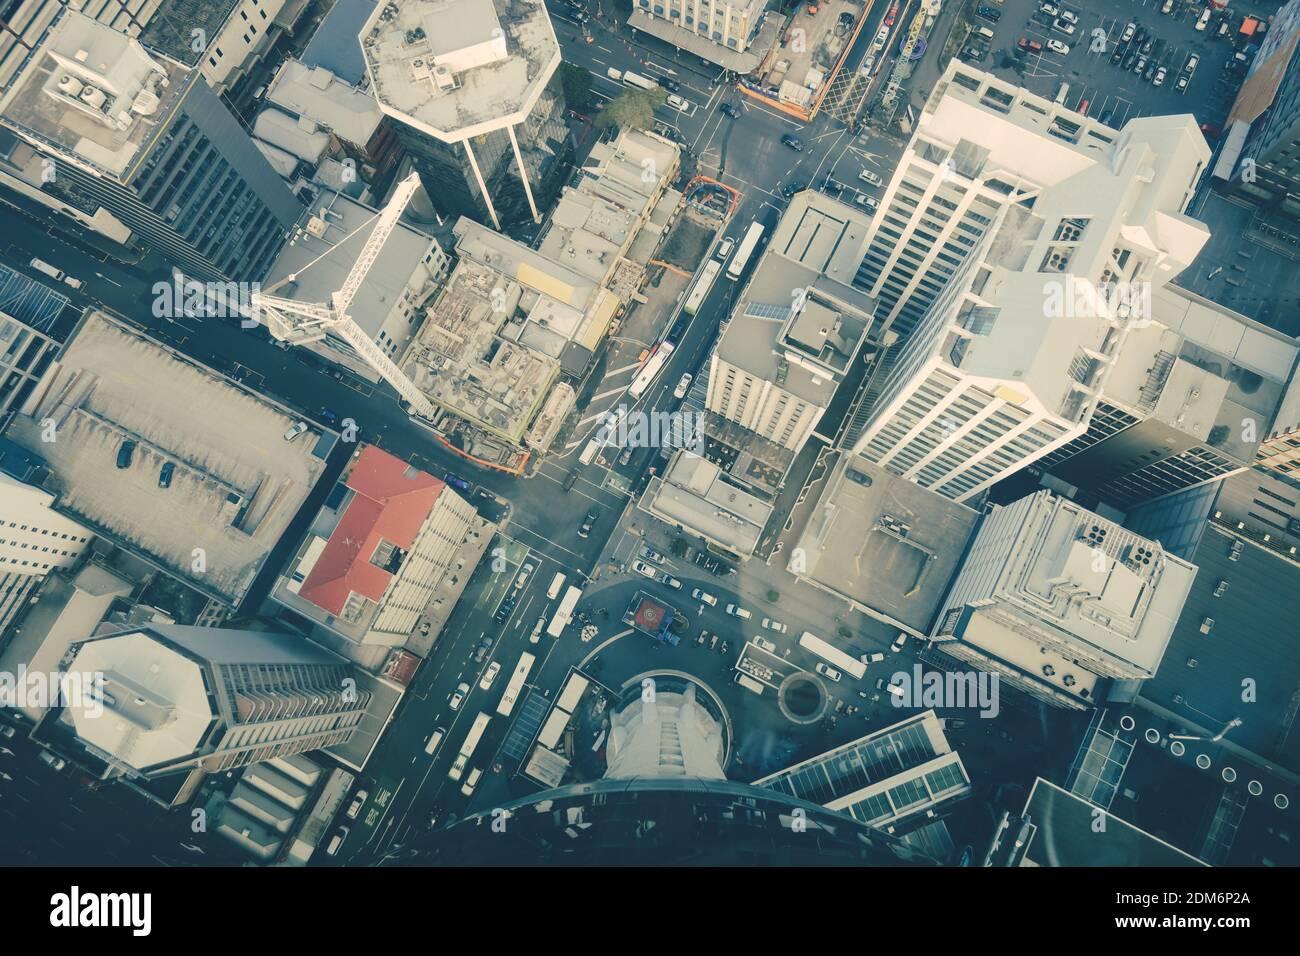 Un alto ángulo de visualización de la calle en medio de los edificios en la ciudad Foto de stock